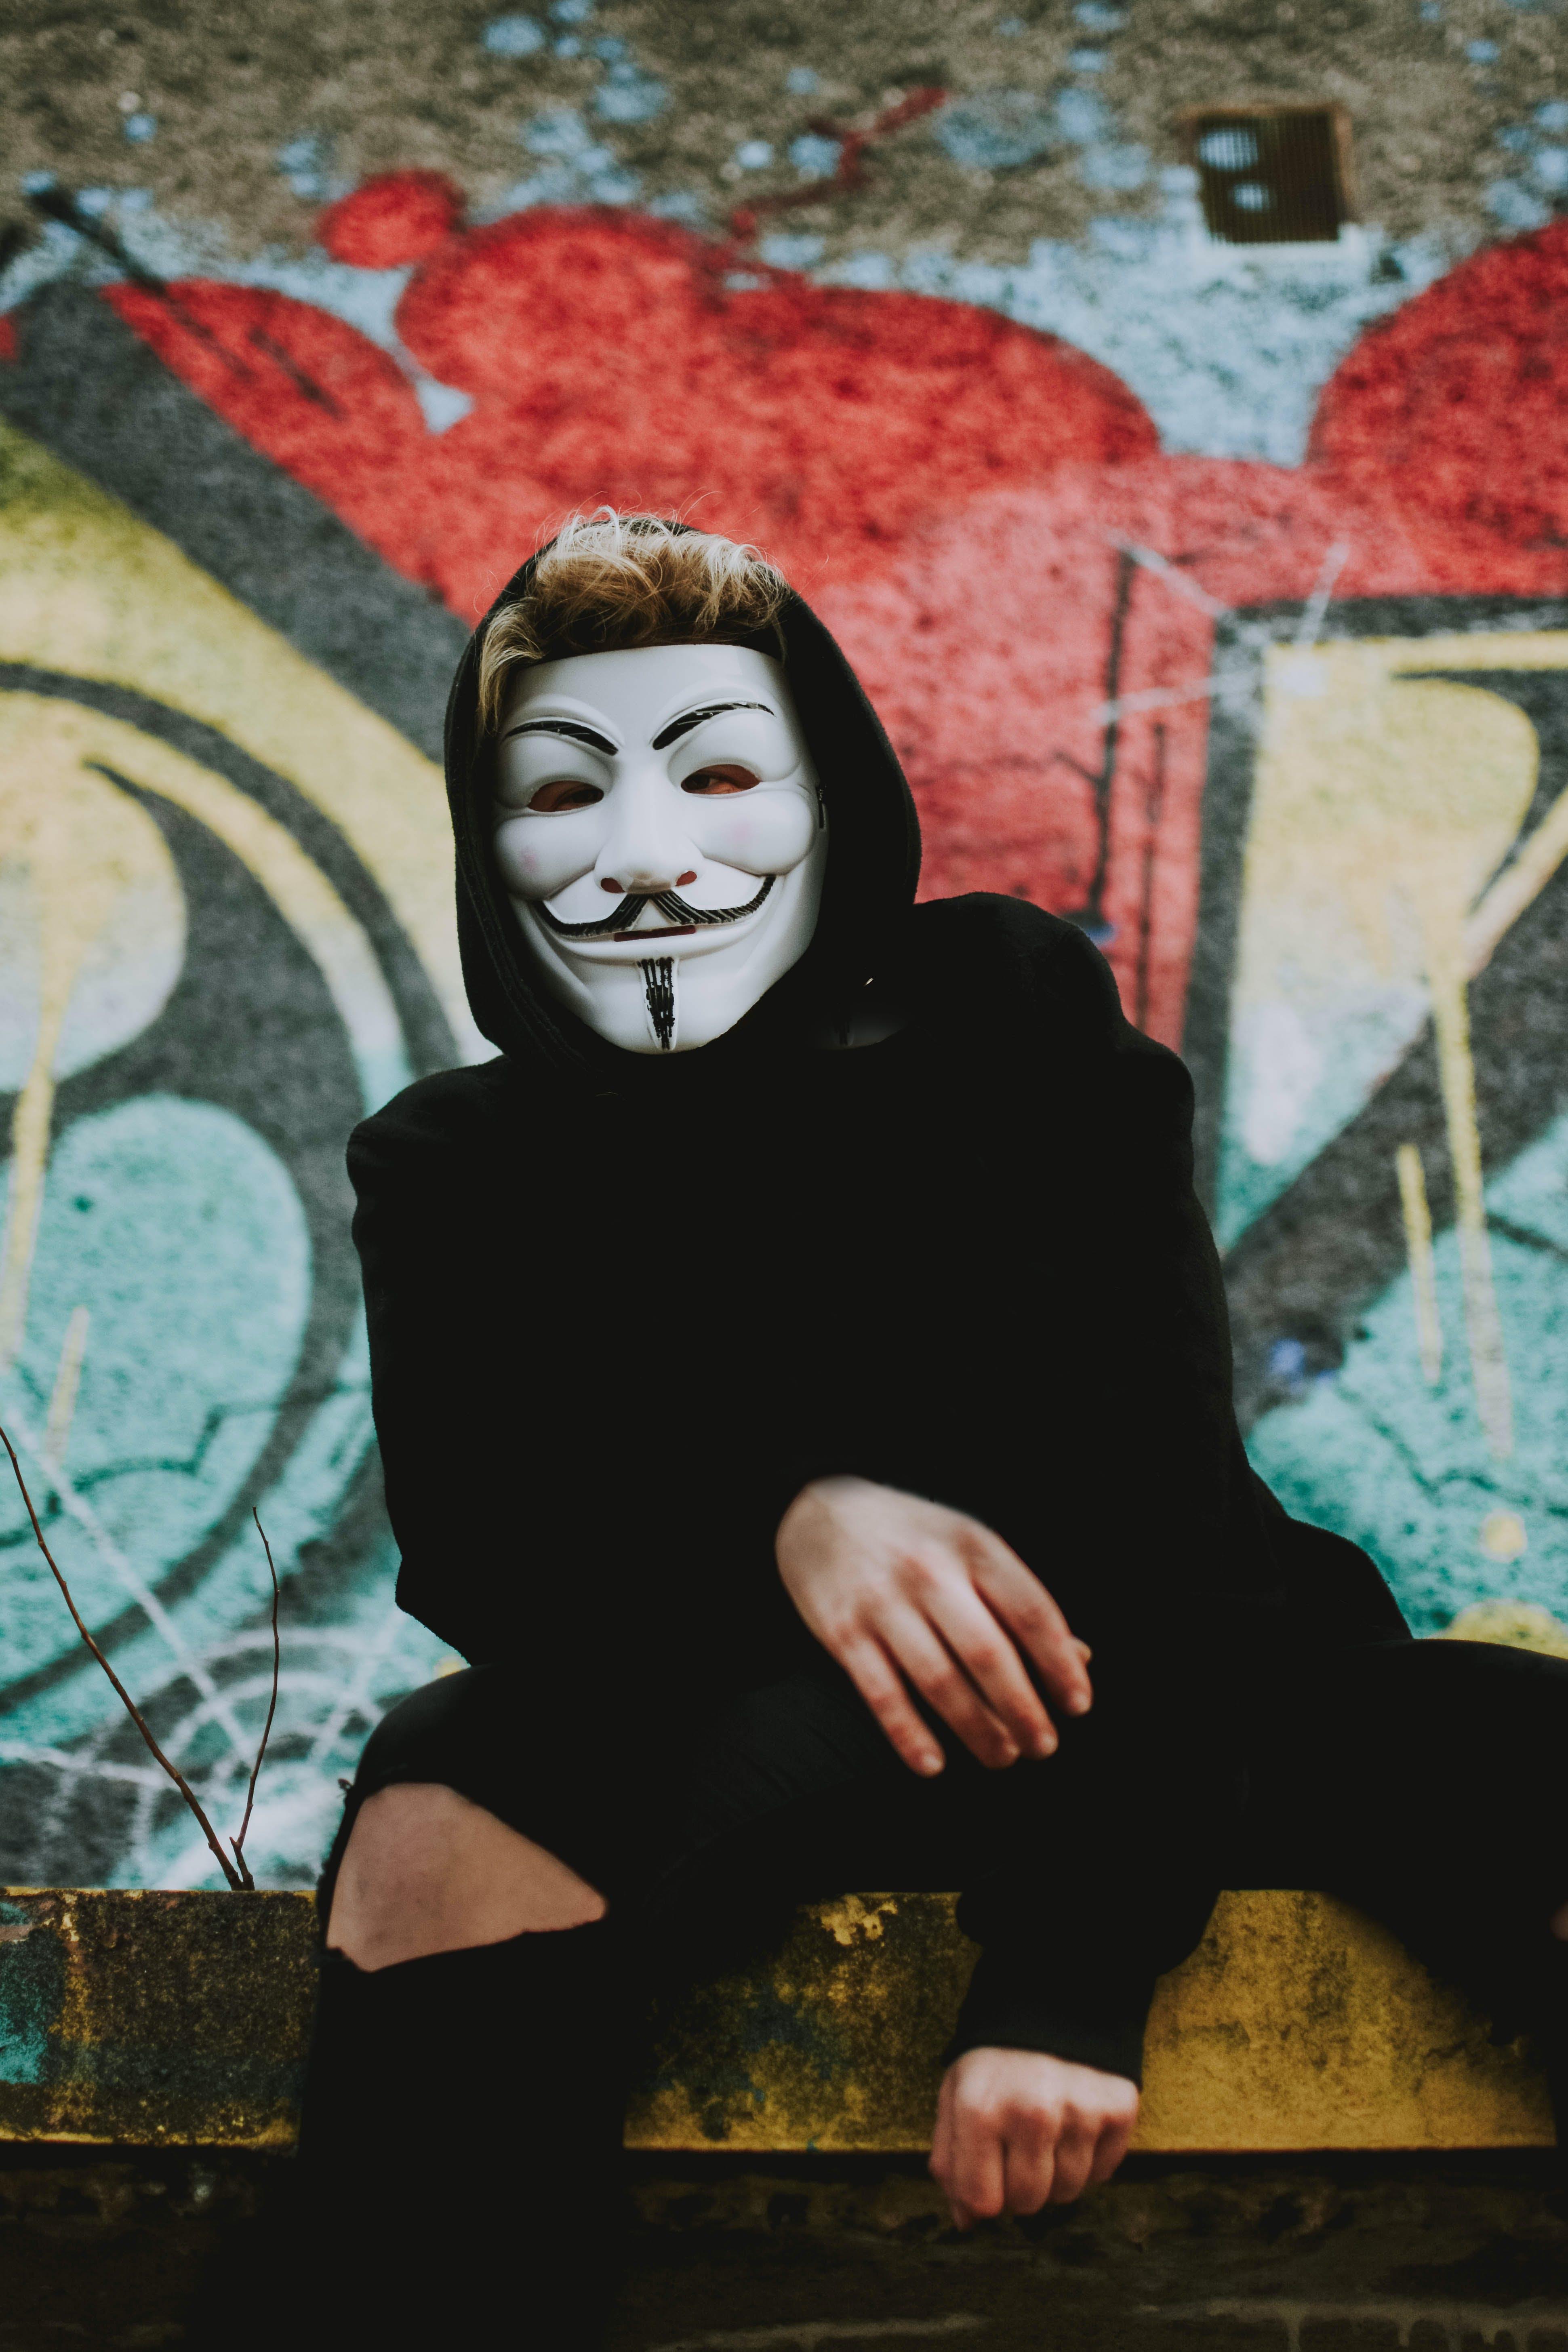 거리, 거리 예술, 그래피티, 그림의 무료 스톡 사진